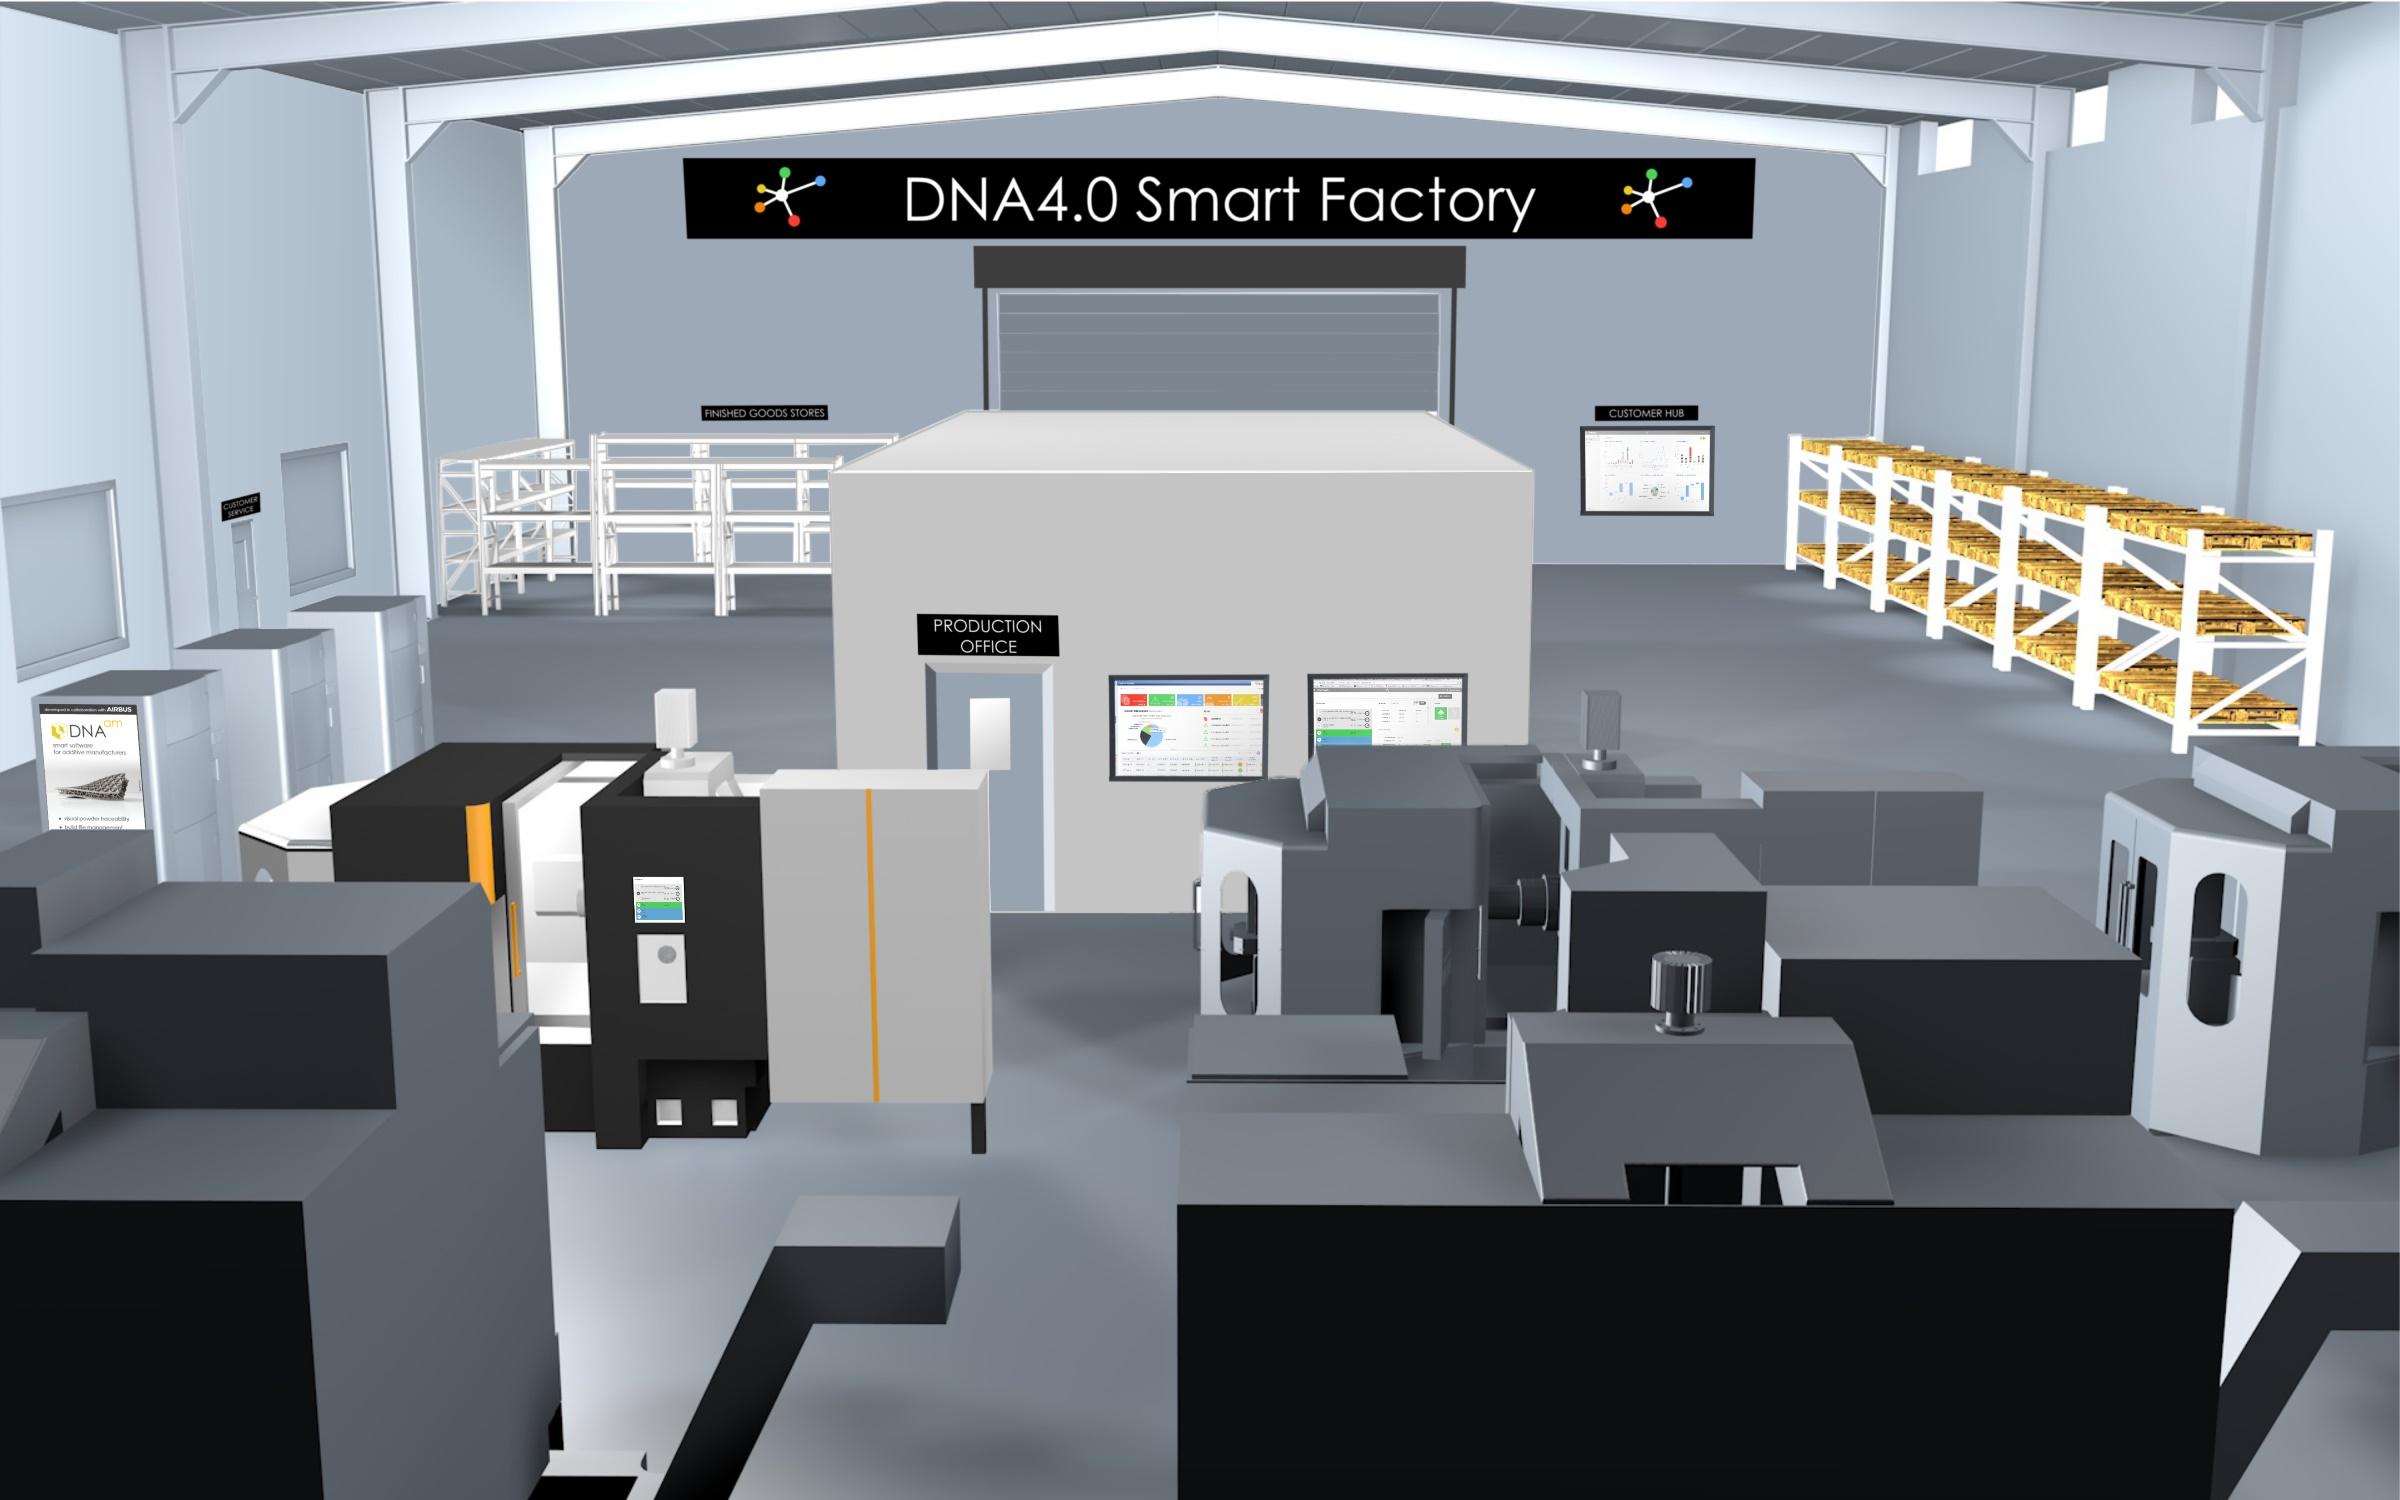 Immersive digital rendering of Industry 4.0 environment